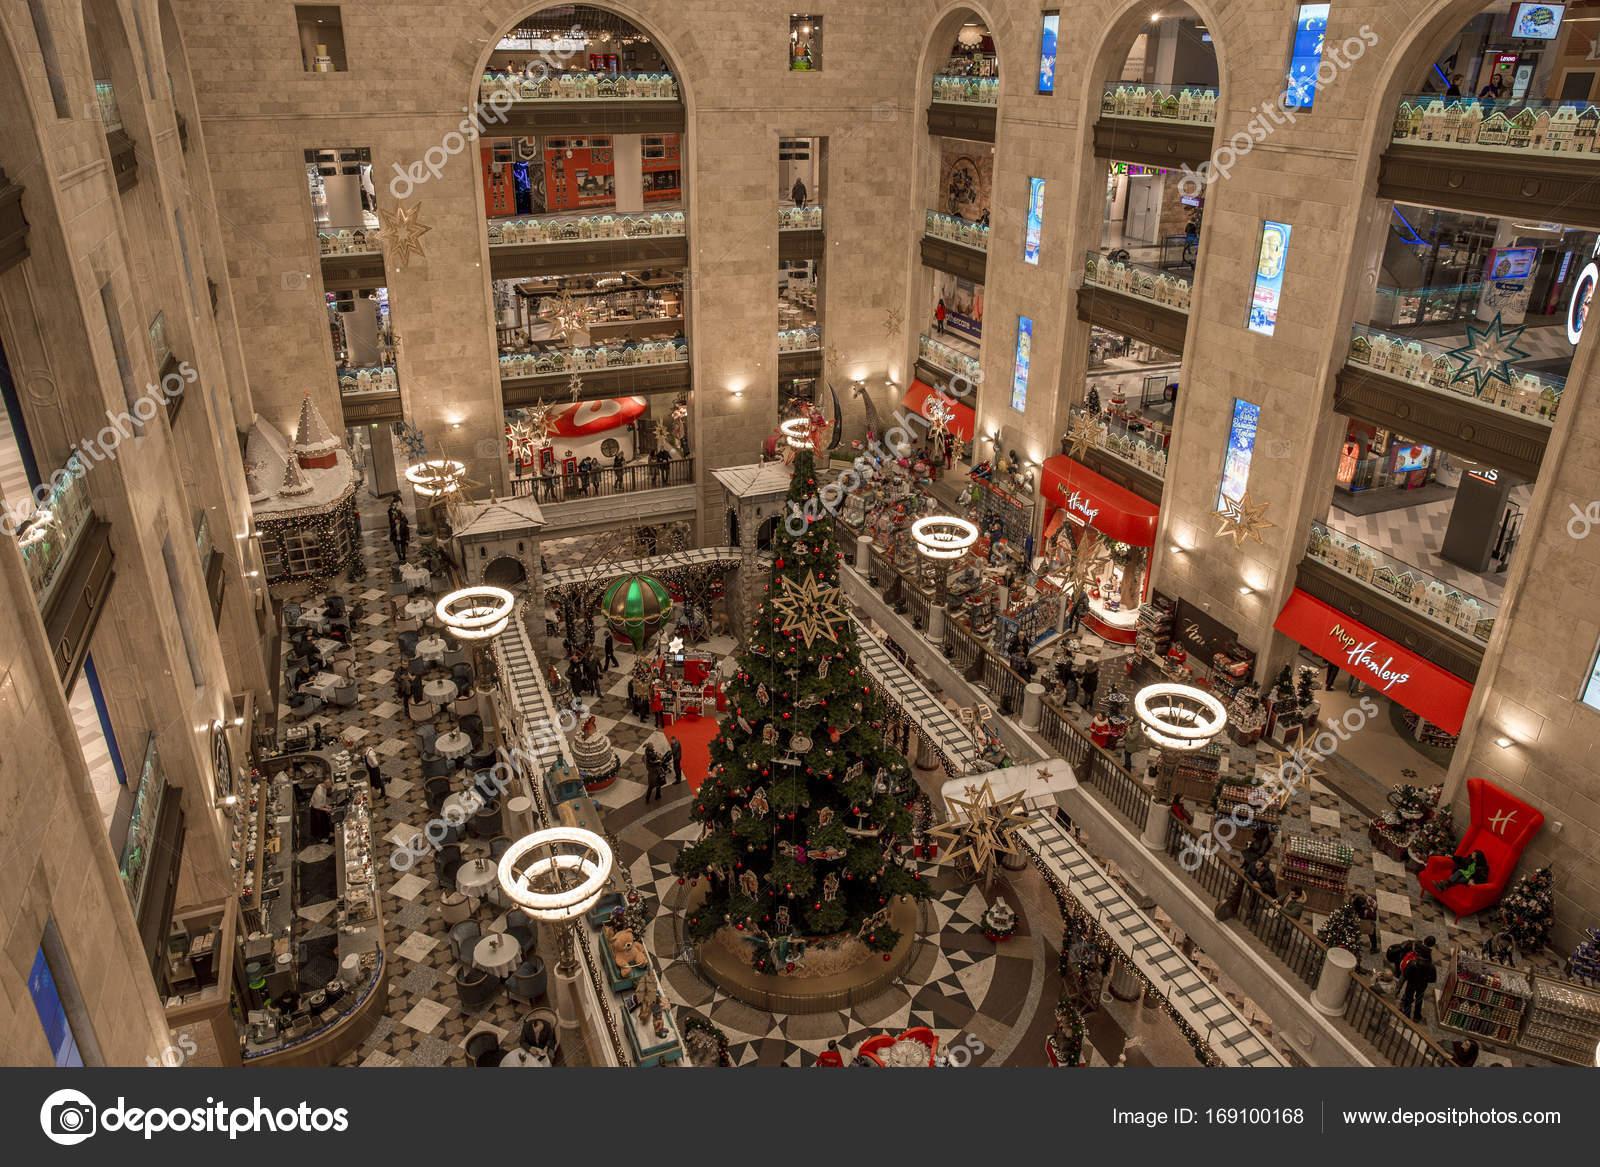 84a24fd719c8 Москва, Россия - 09 декабря 2016  Детский мир торговый центр с  рождественские украшения в Москве, Россия. Детский мир-это крупнейший  торговый центр с ...